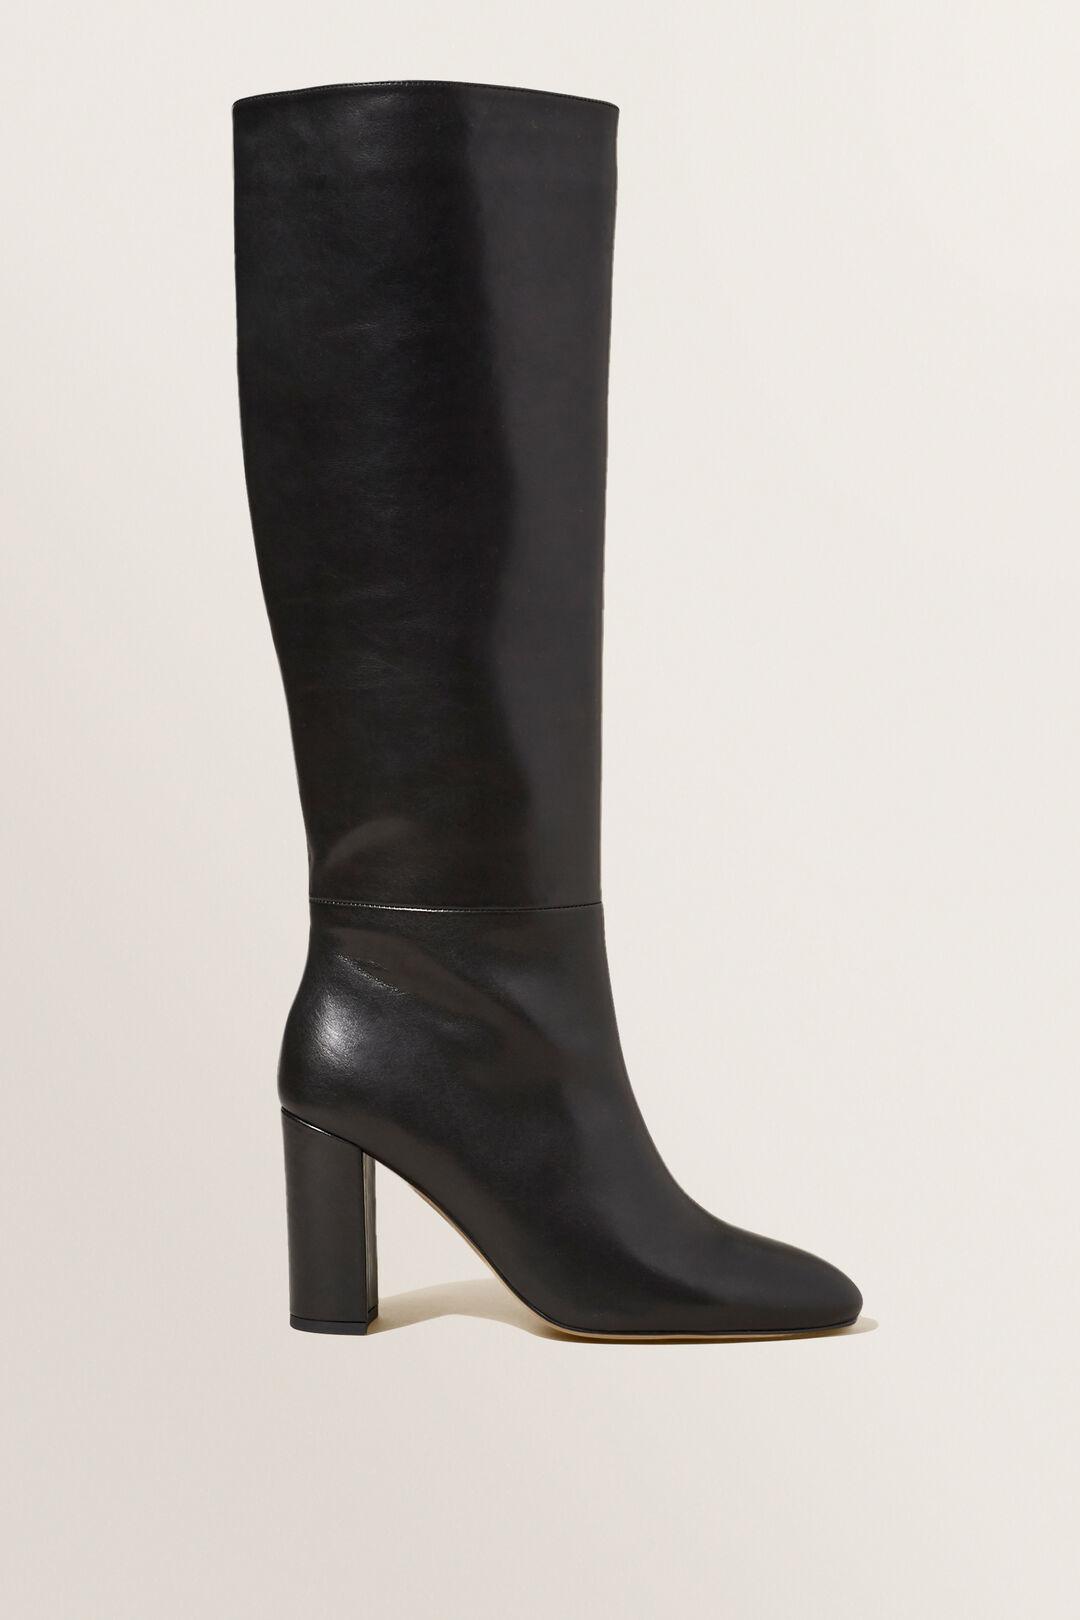 Tessa Knee High Boot  BLACK  hi-res